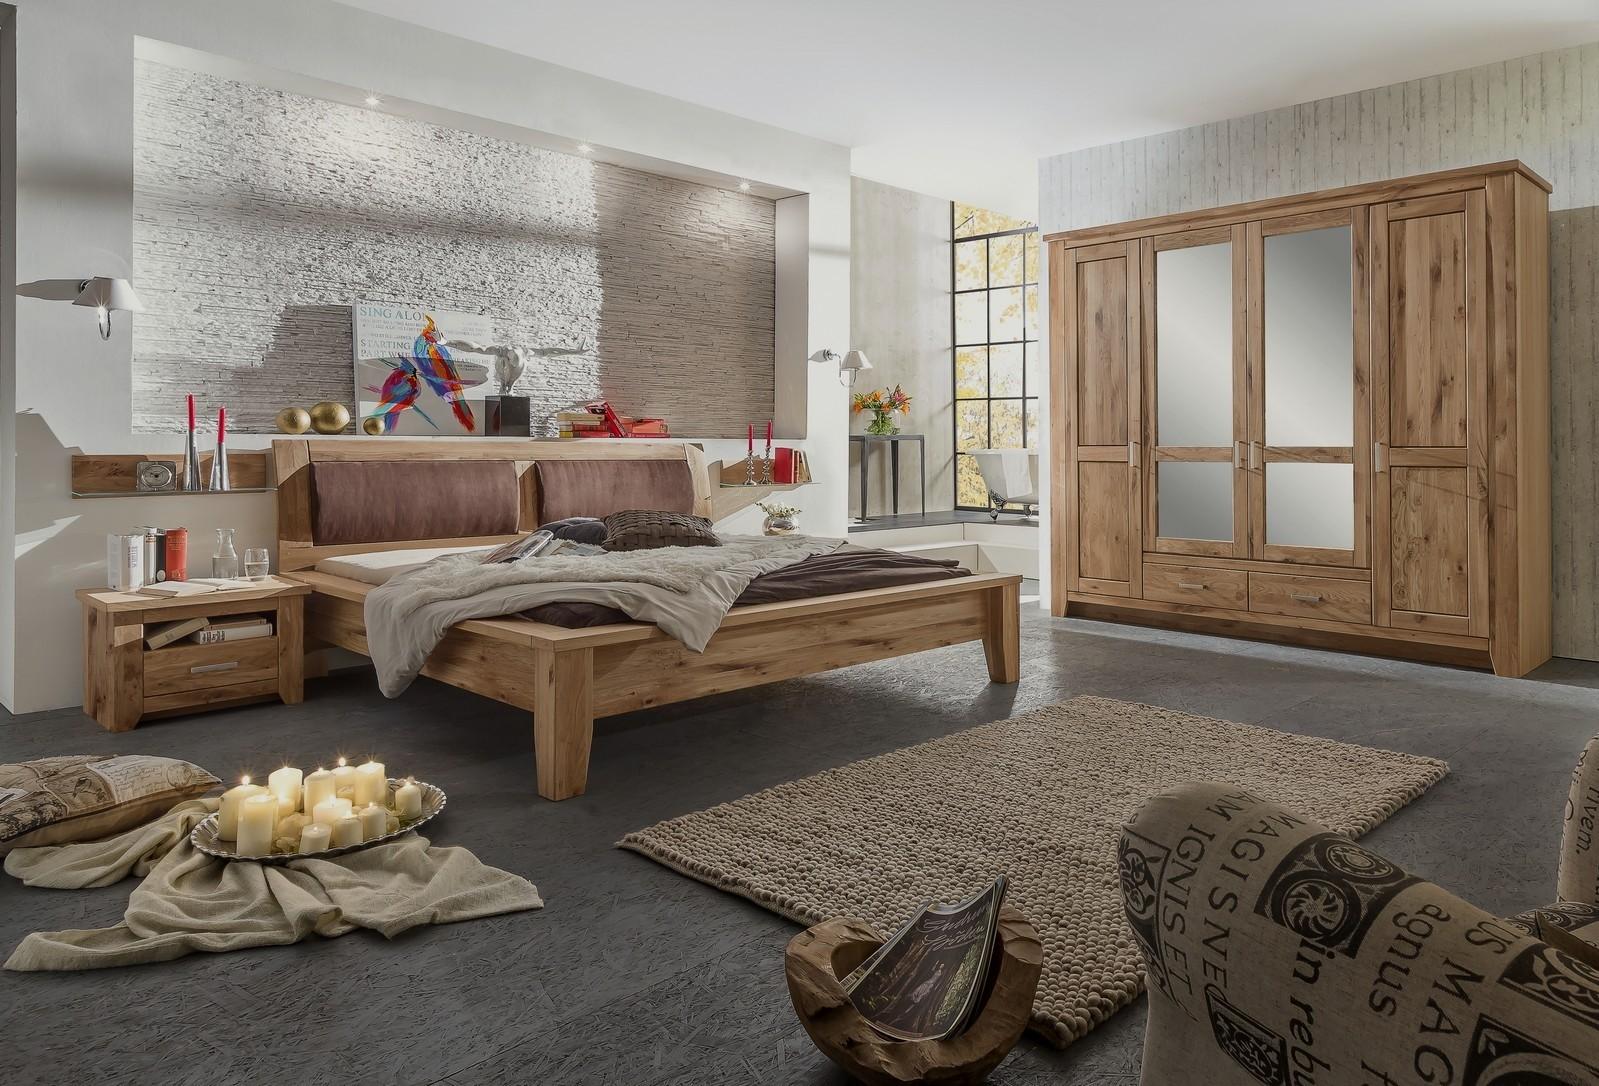 asteiche Komplett-Schlafzimmer online kaufen | Möbel ...